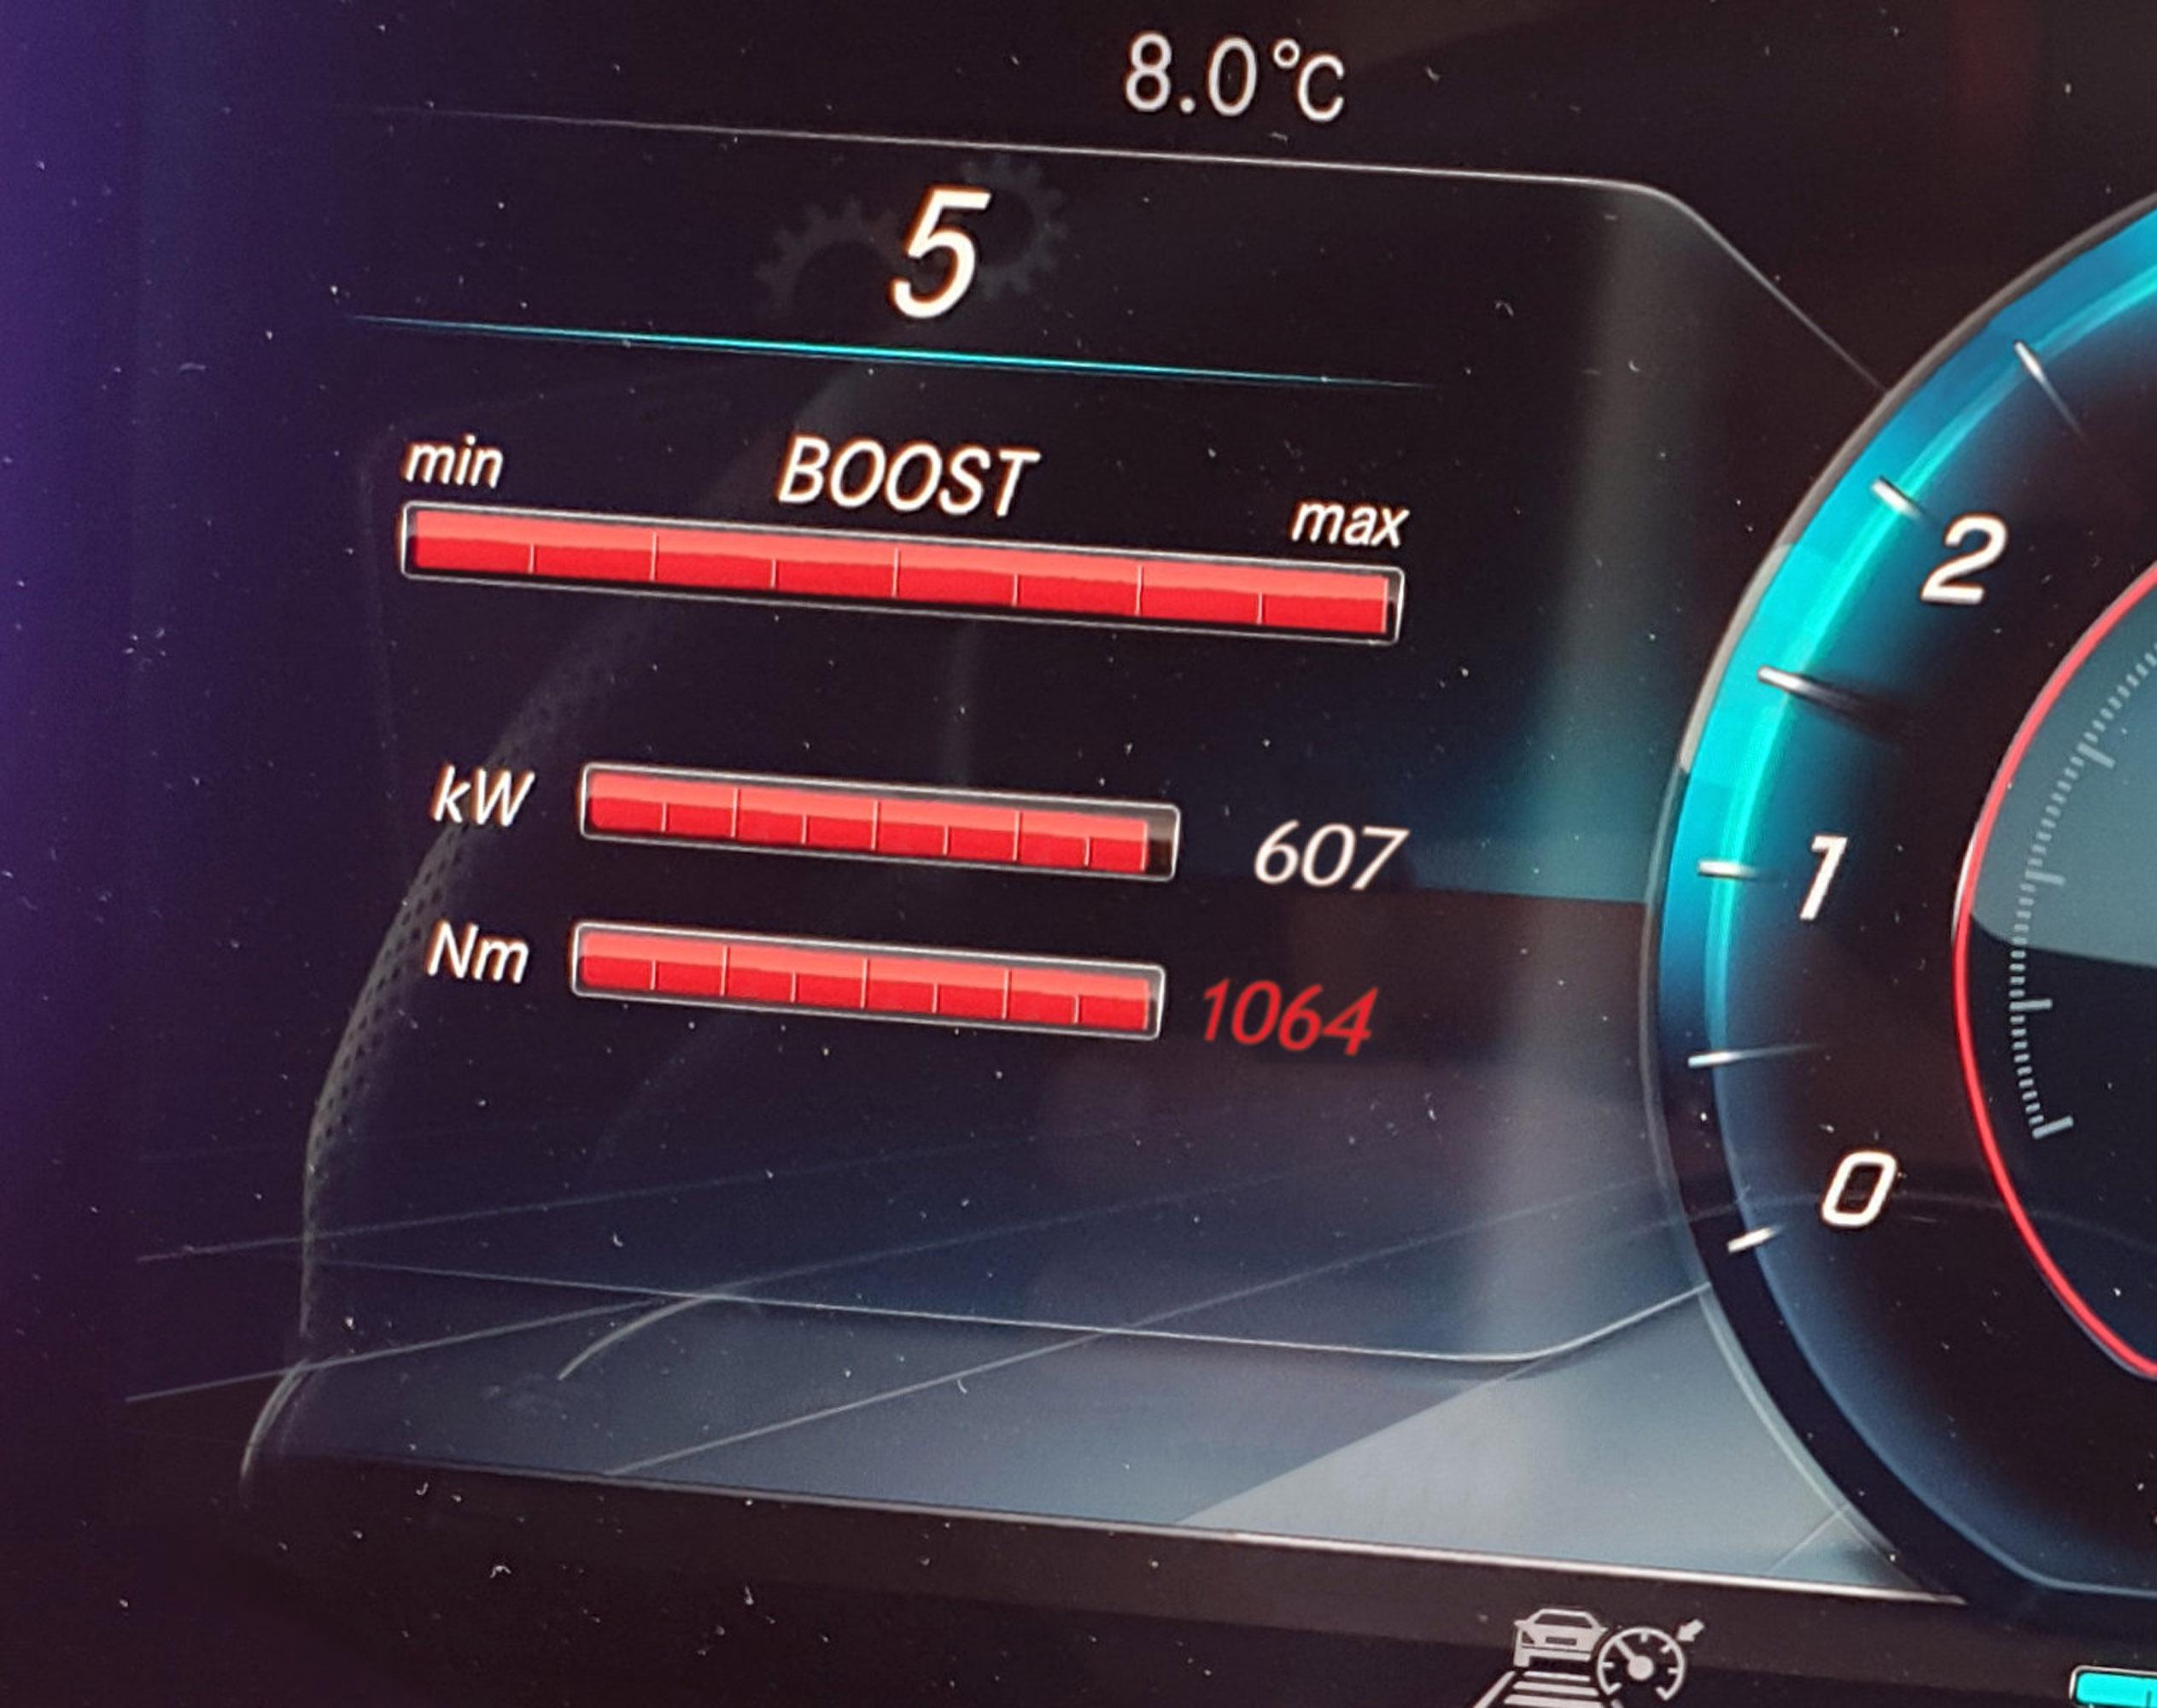 Кроме того, спортивная версия Mercedes-AMG G 63 стала еще мощнее - последний проект AMG оснащен 4,0-литровым двигателем V8 мощностью 585 л.с.